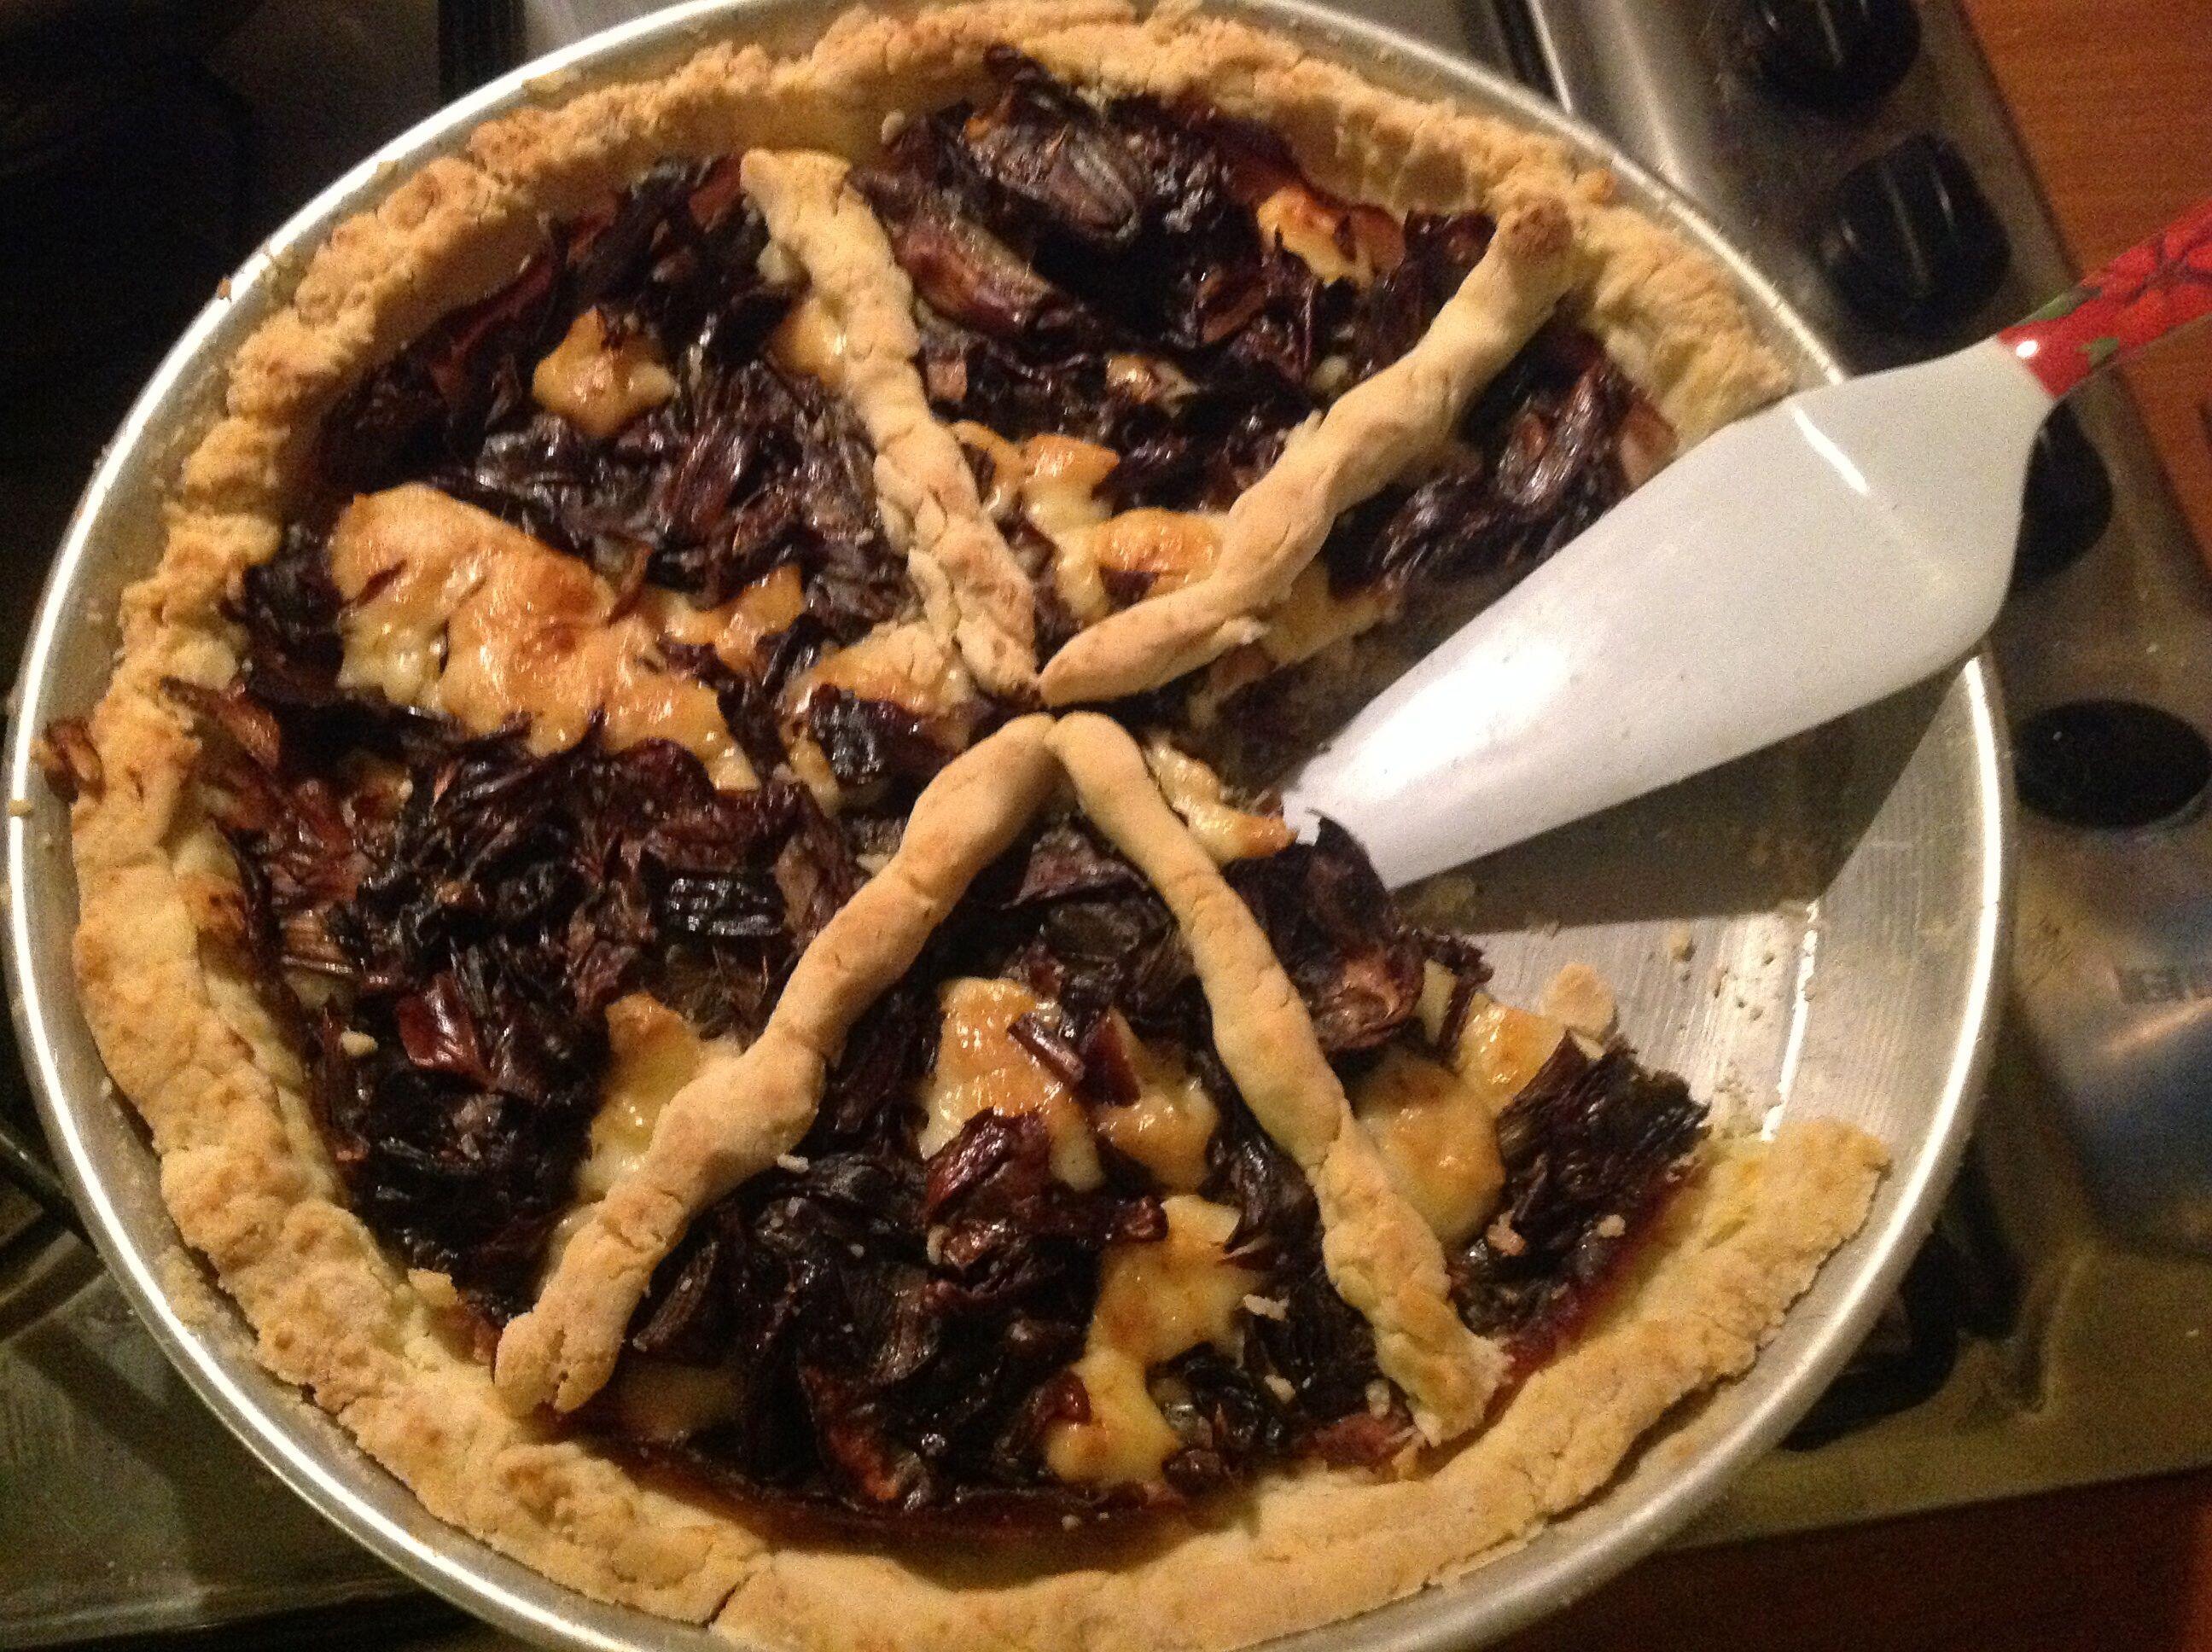 Torta+di+carciofi+e+arista+al+forno